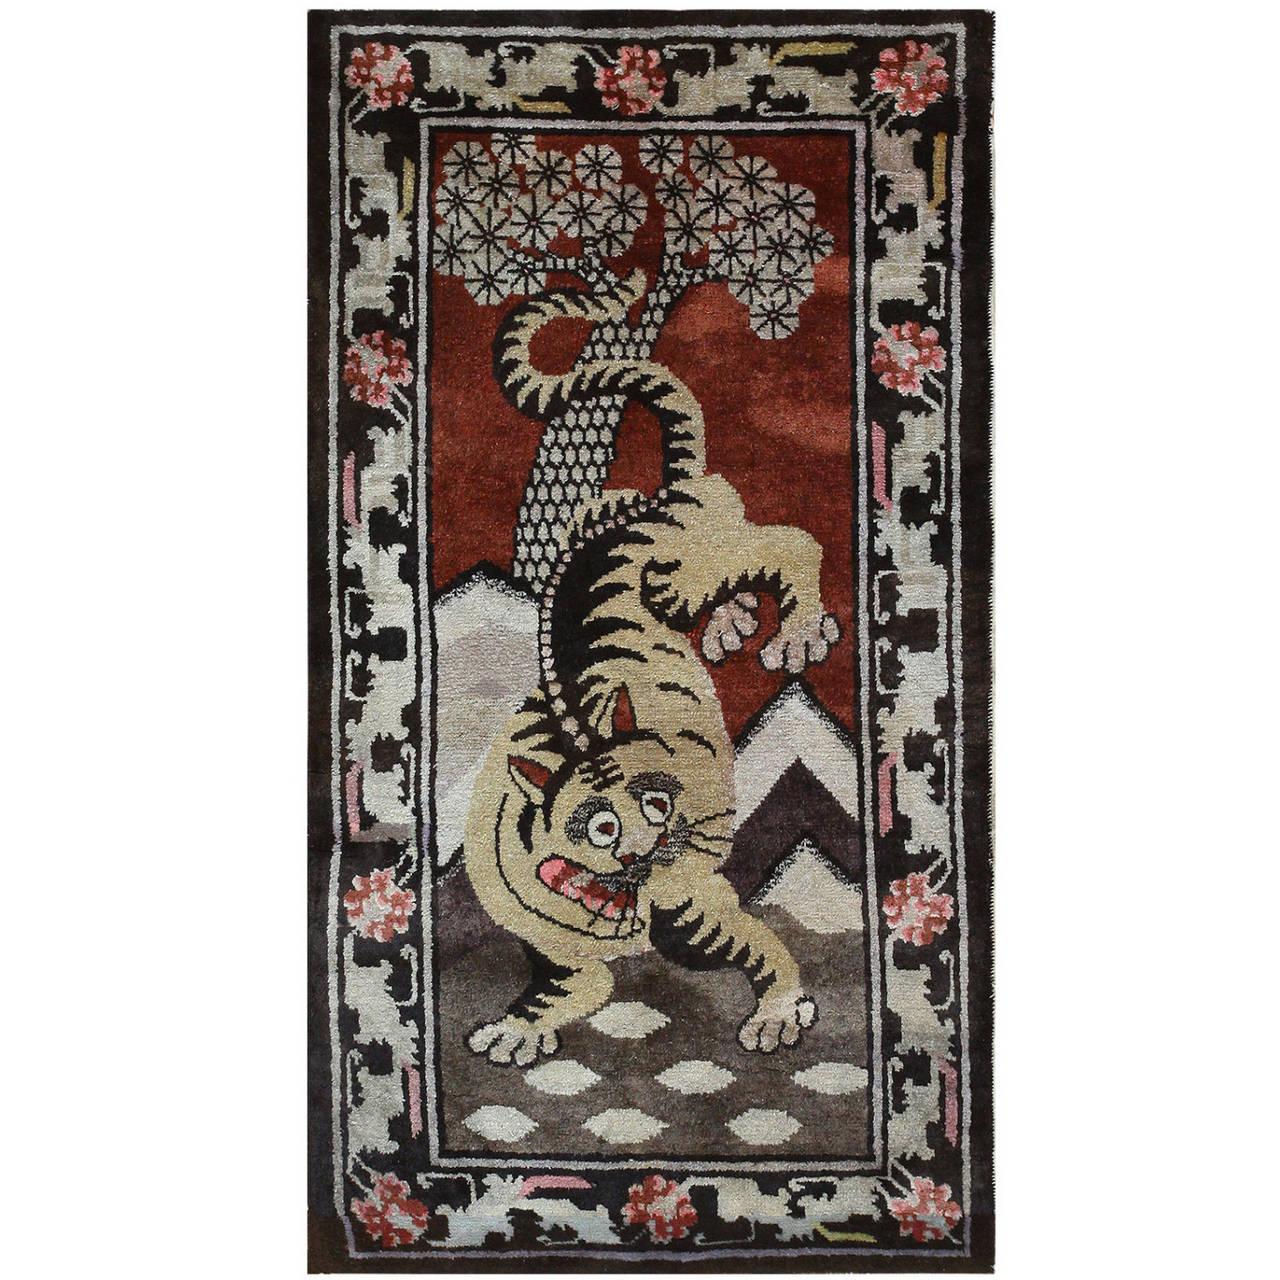 Antique Tibetan Rug with Tiger Design For Sale